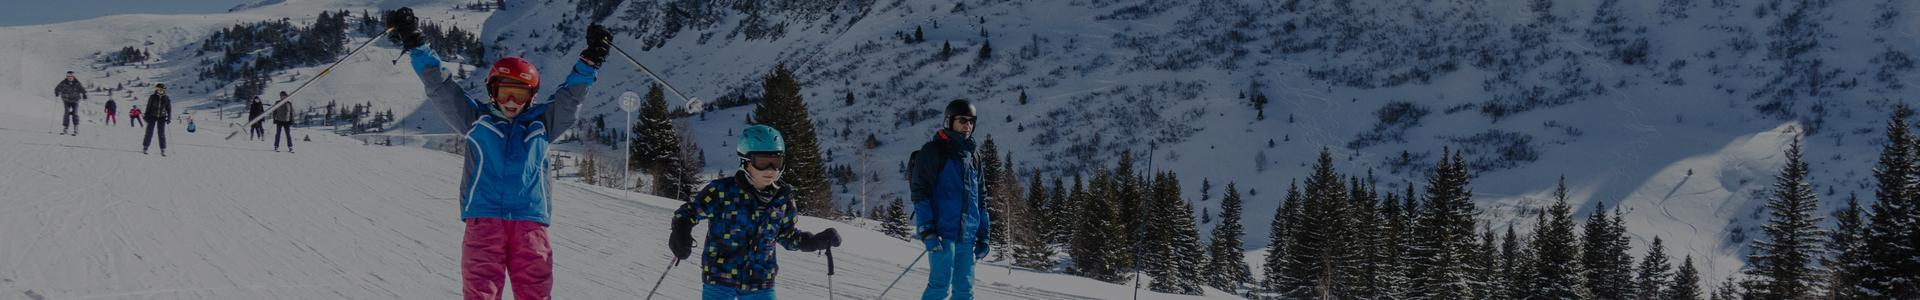 dzieci zjeżdżające na nartach